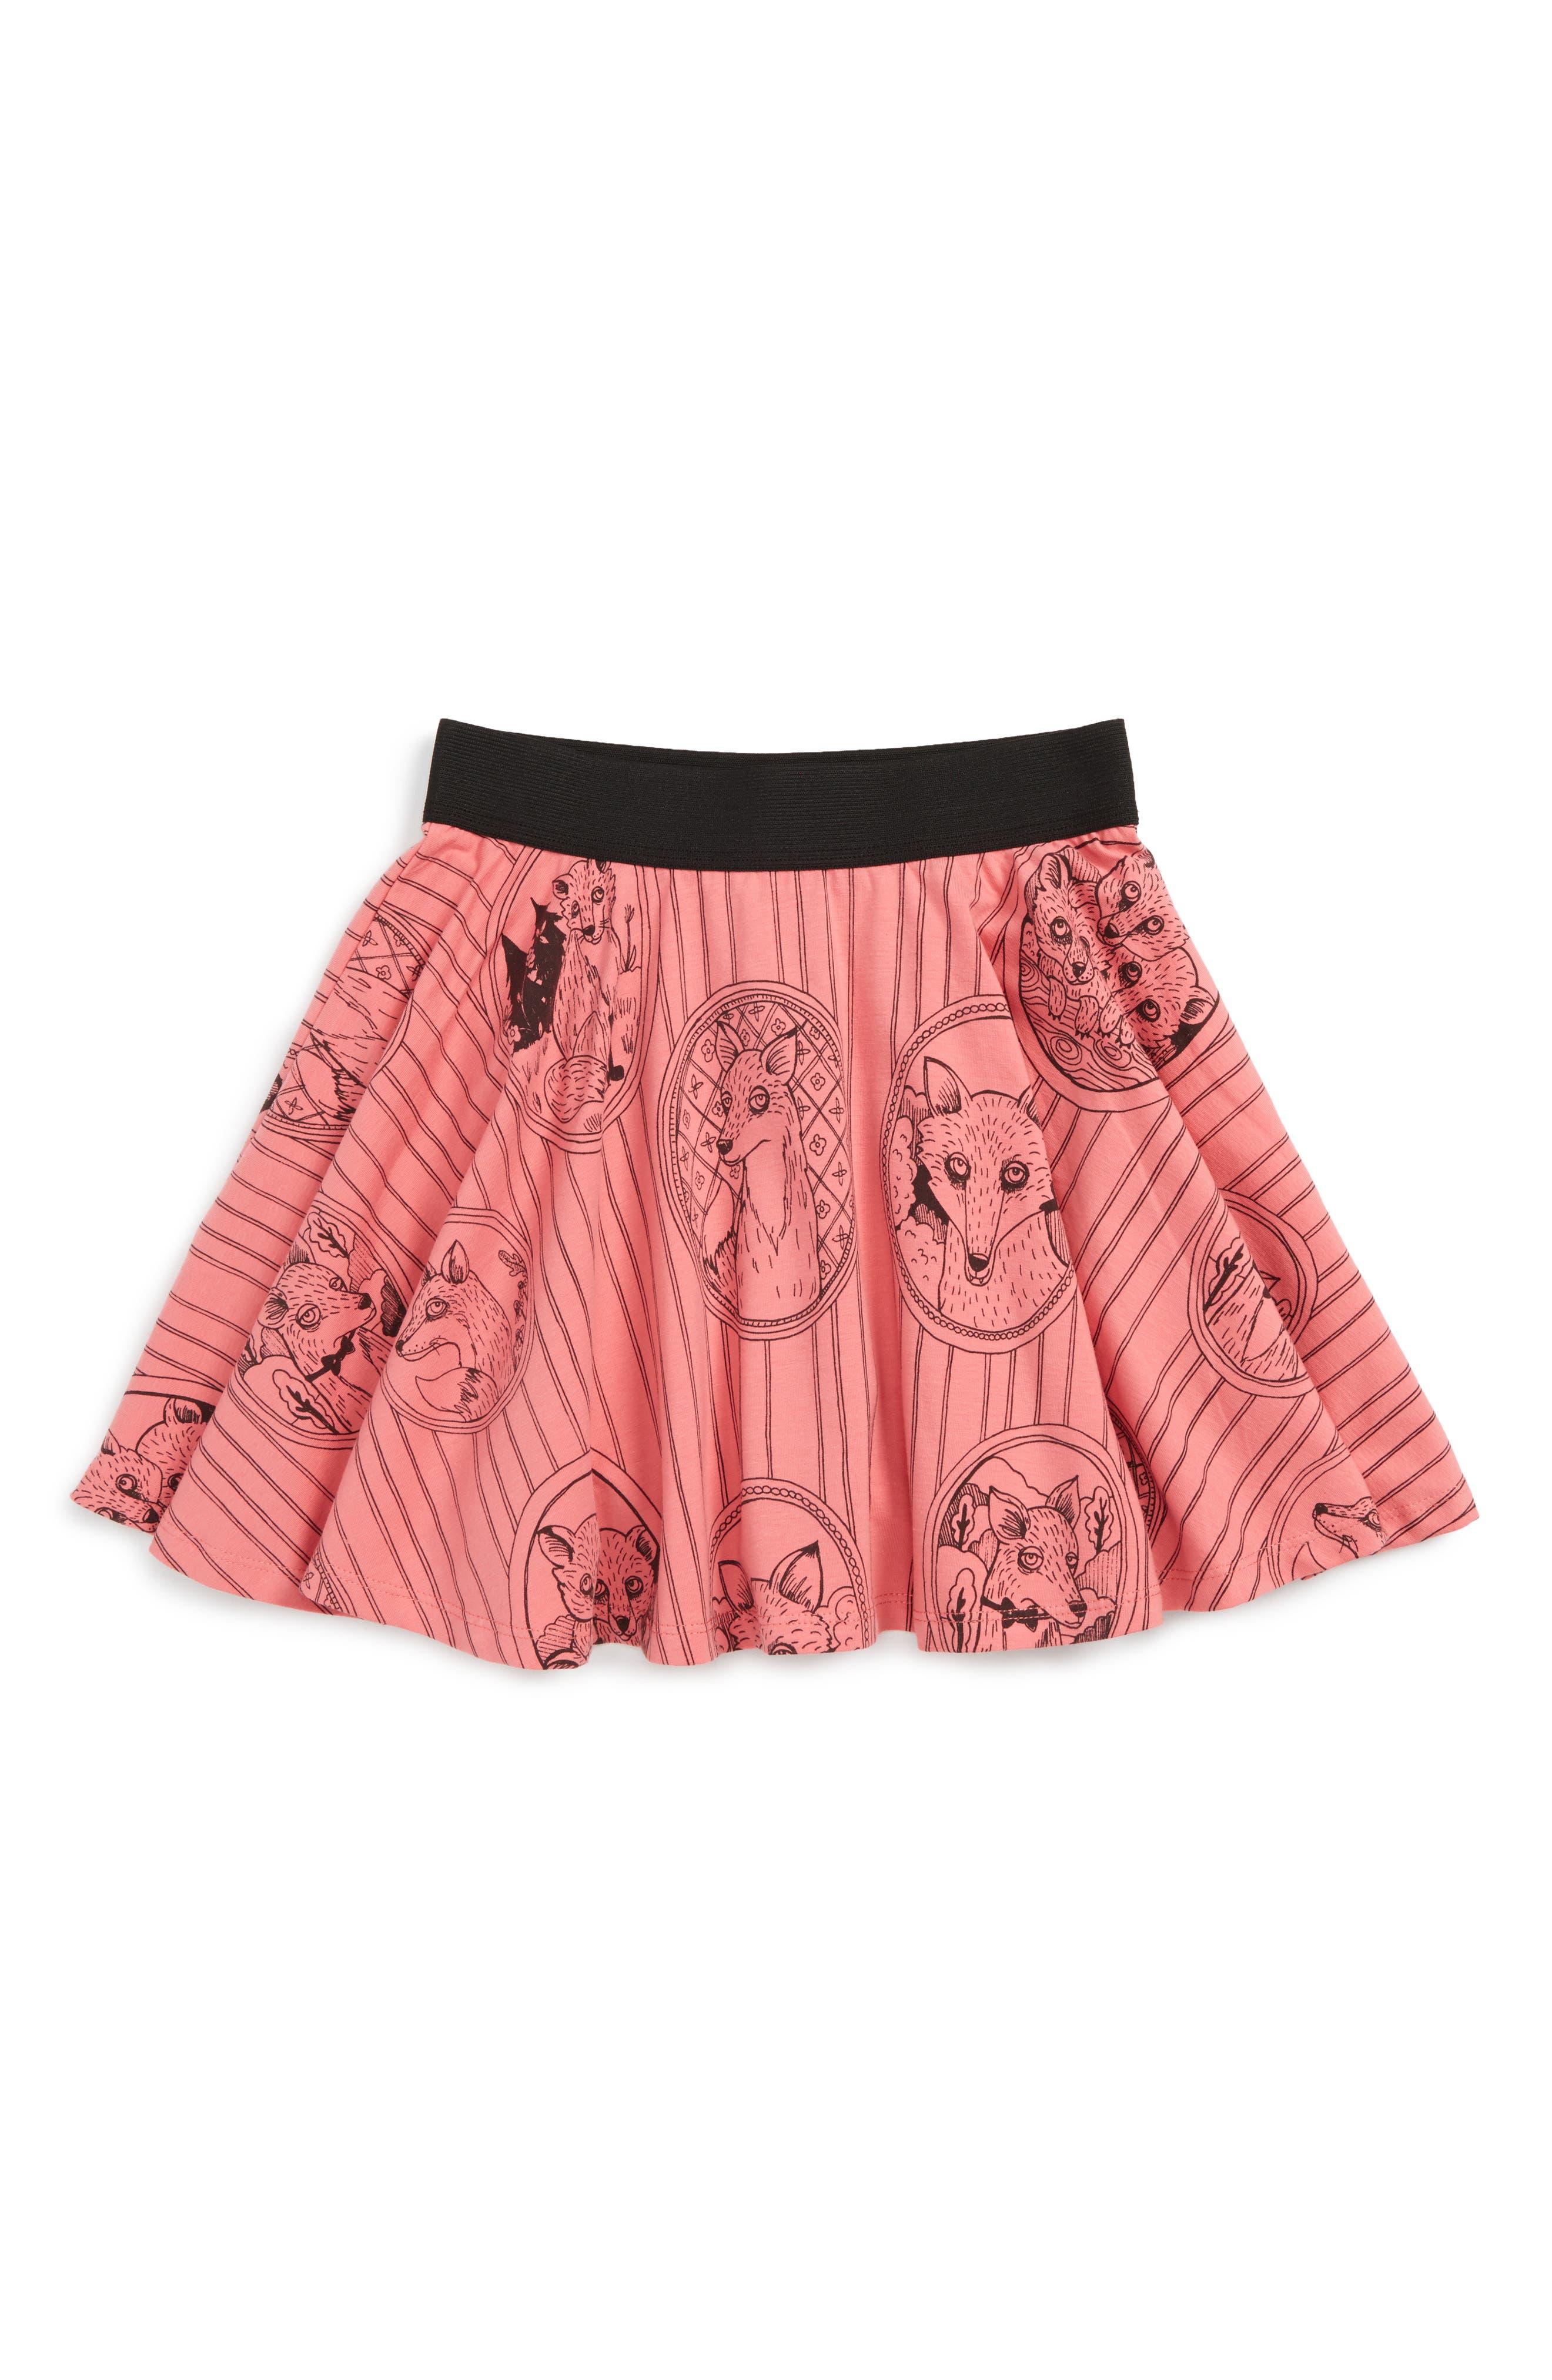 Main Image - Mini Rodini Fox Family Skirt (Toddler Girls & Little Girls)